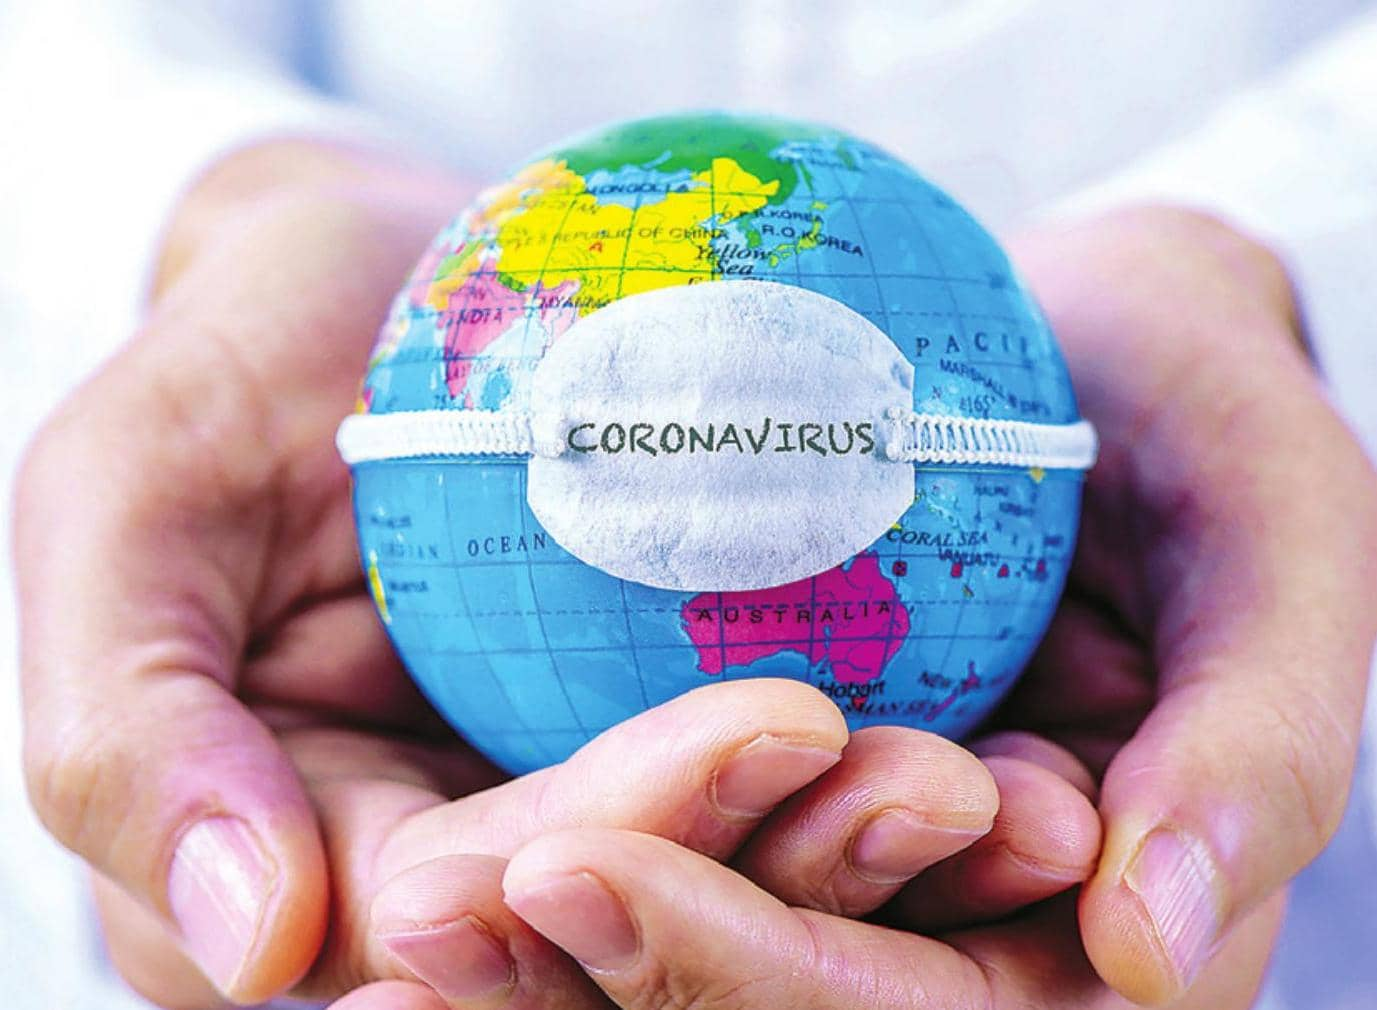 कोरोना का दुष्प्रभावः दुनिया की अर्थव्यवस्था को करीब 3.8 ट्रिलियन डॉलर का नुक्सान